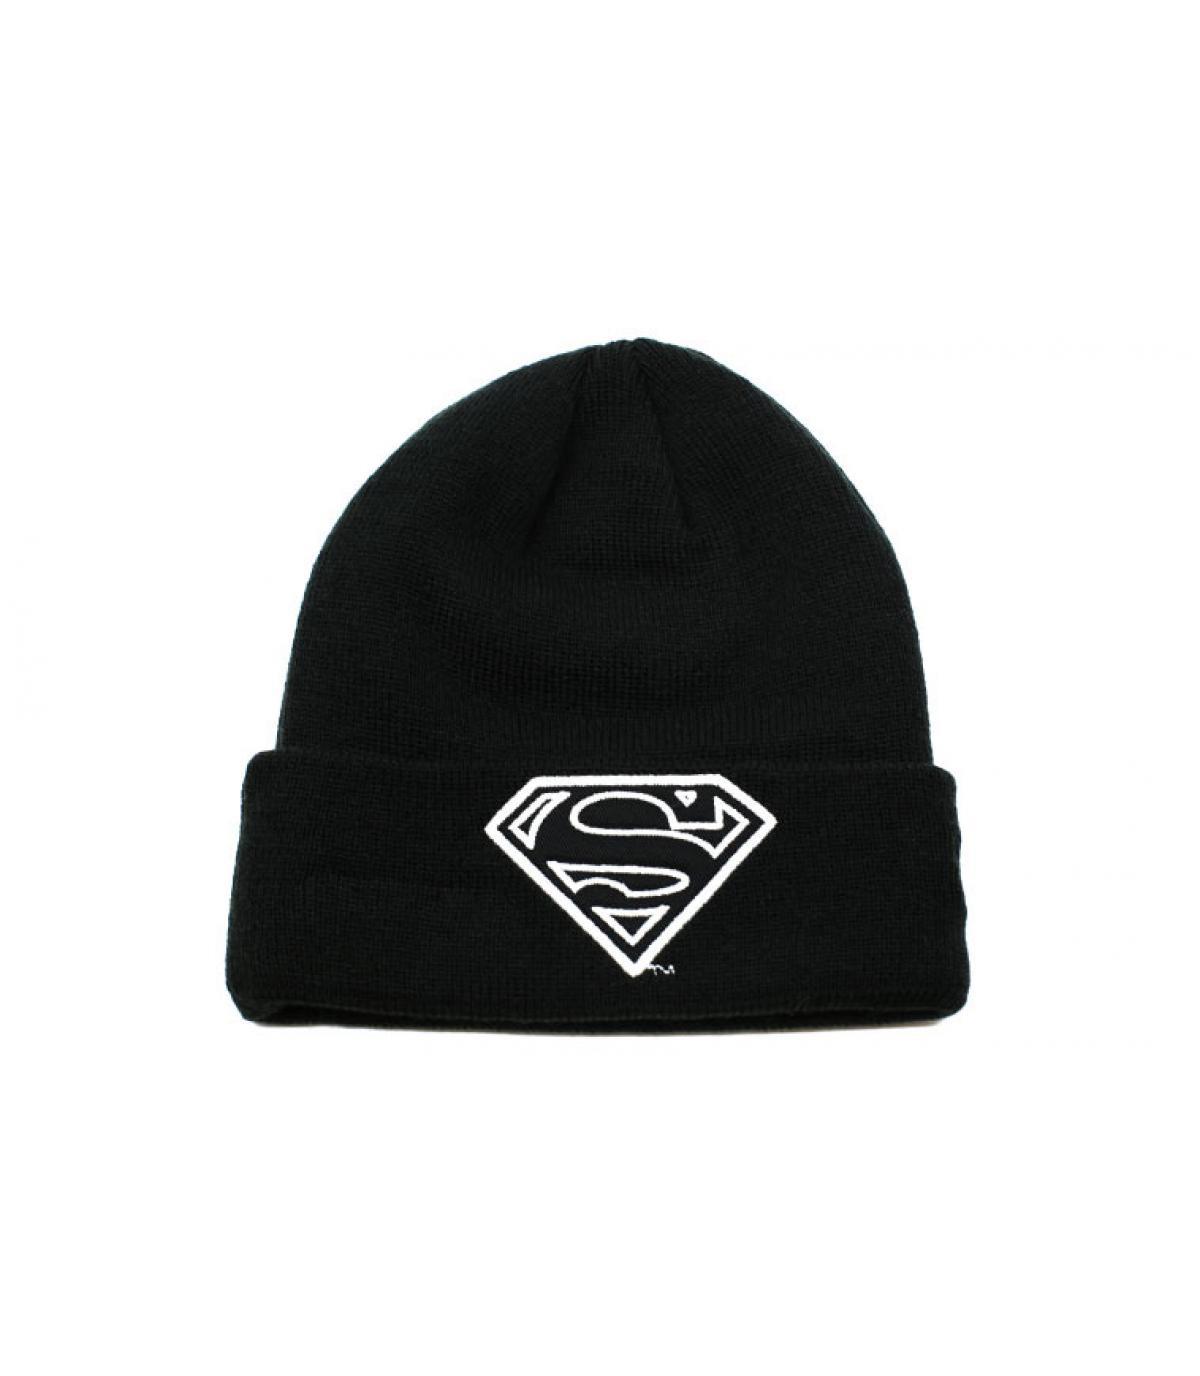 Details Kids GITD Knit Superman - afbeeling 2